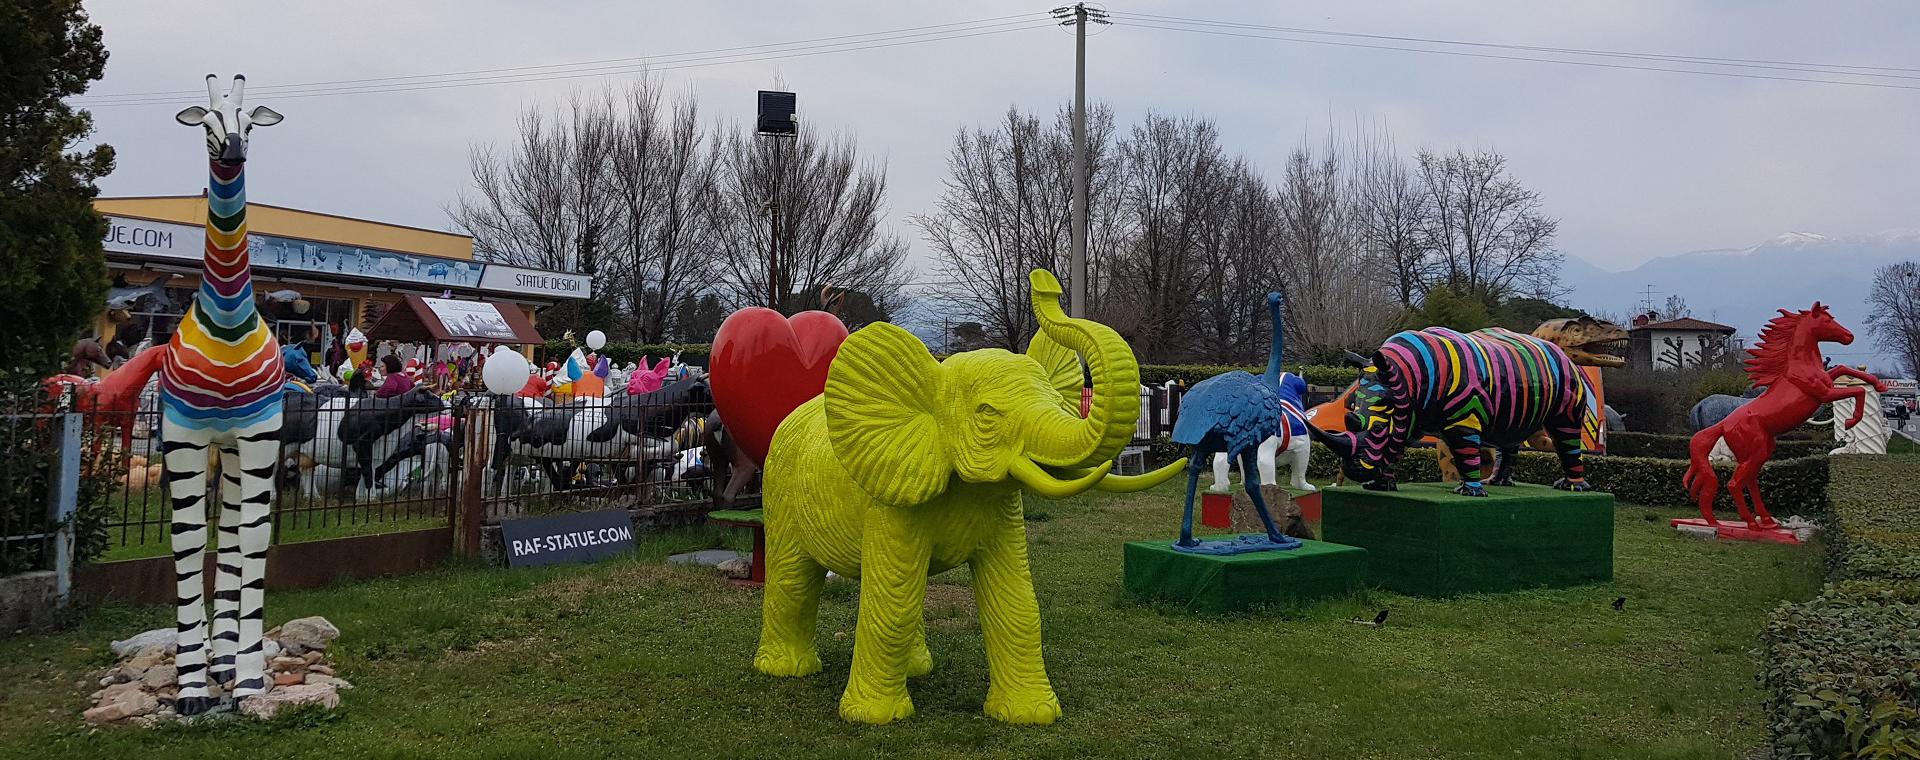 Animali Di Plastica Da Giardino.Raf Statue Com Statue In Vetroresina